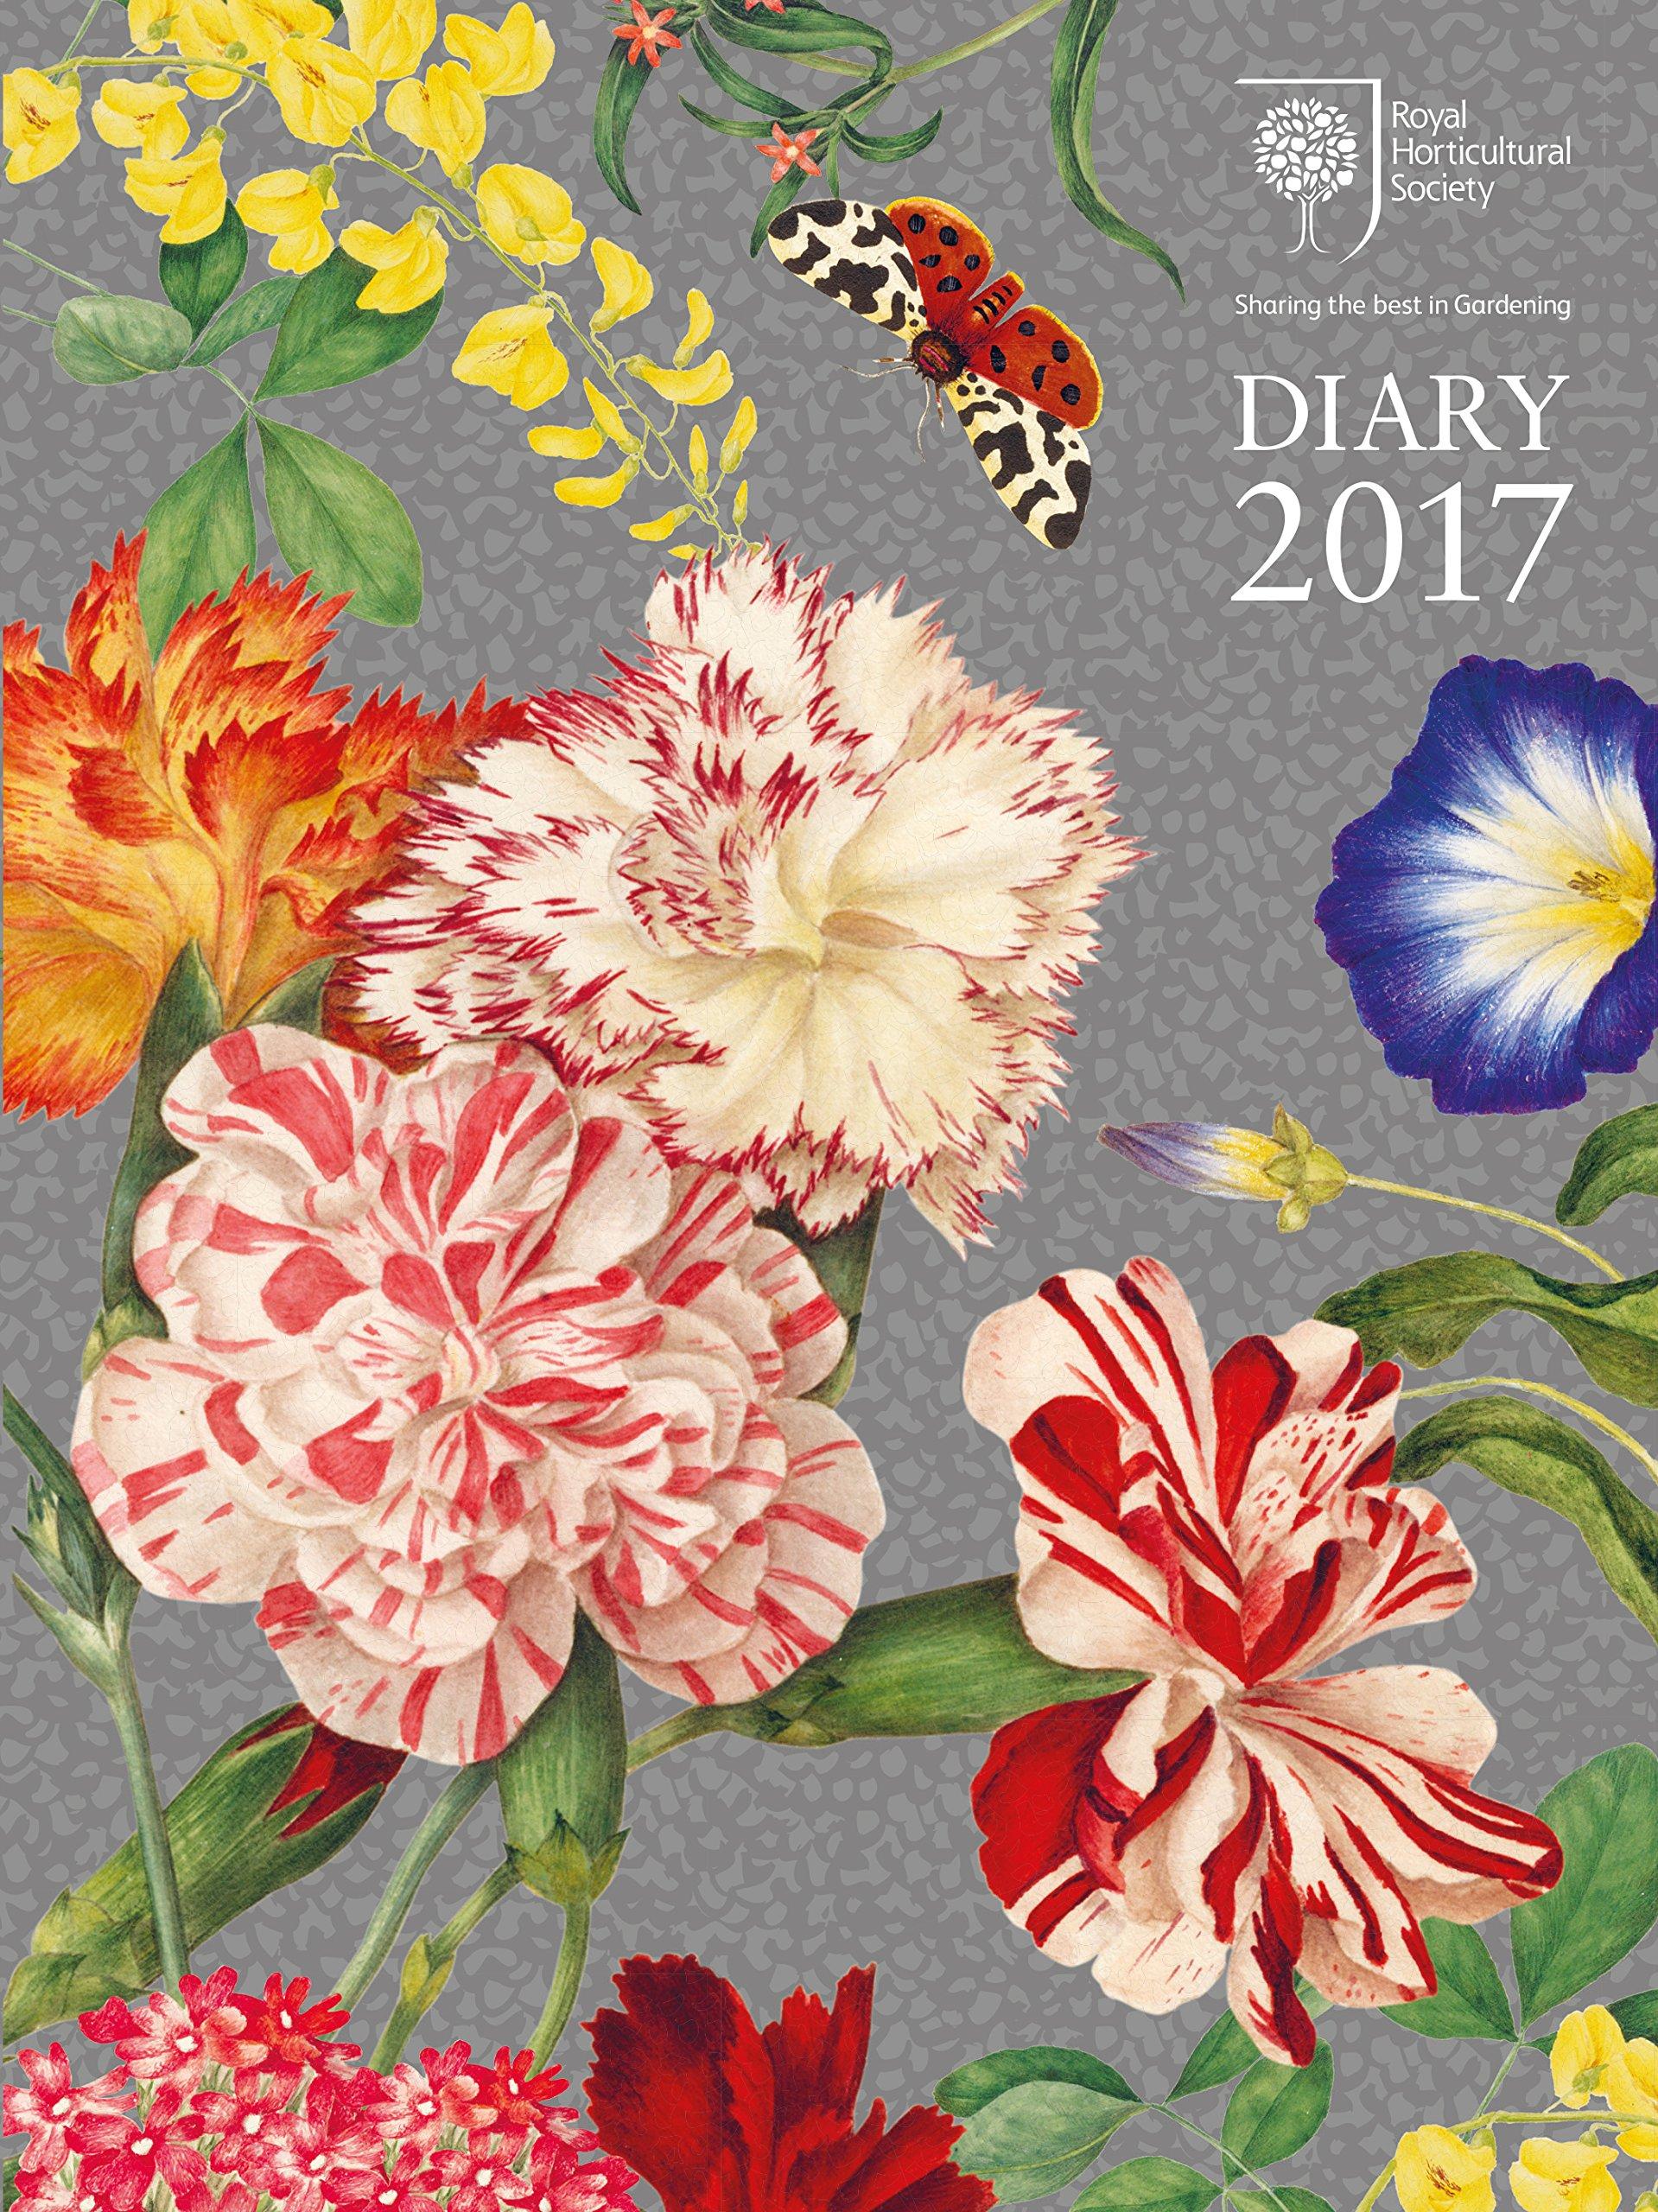 RHS Desk Diary 2017 (Diaries 2017)